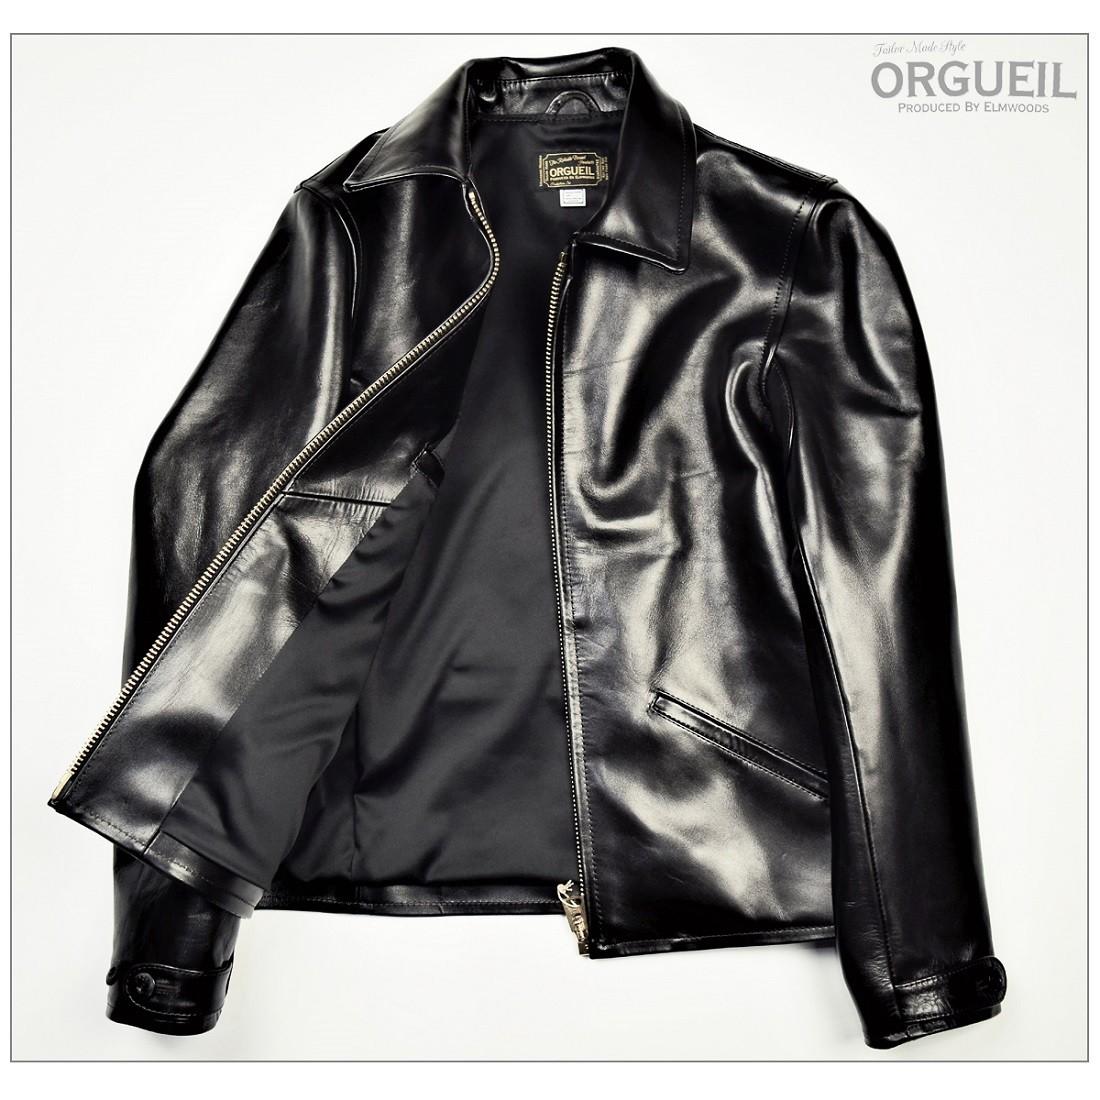 OR-4081 オルゲイユ ORGUEIL ライダース ジャケット 7